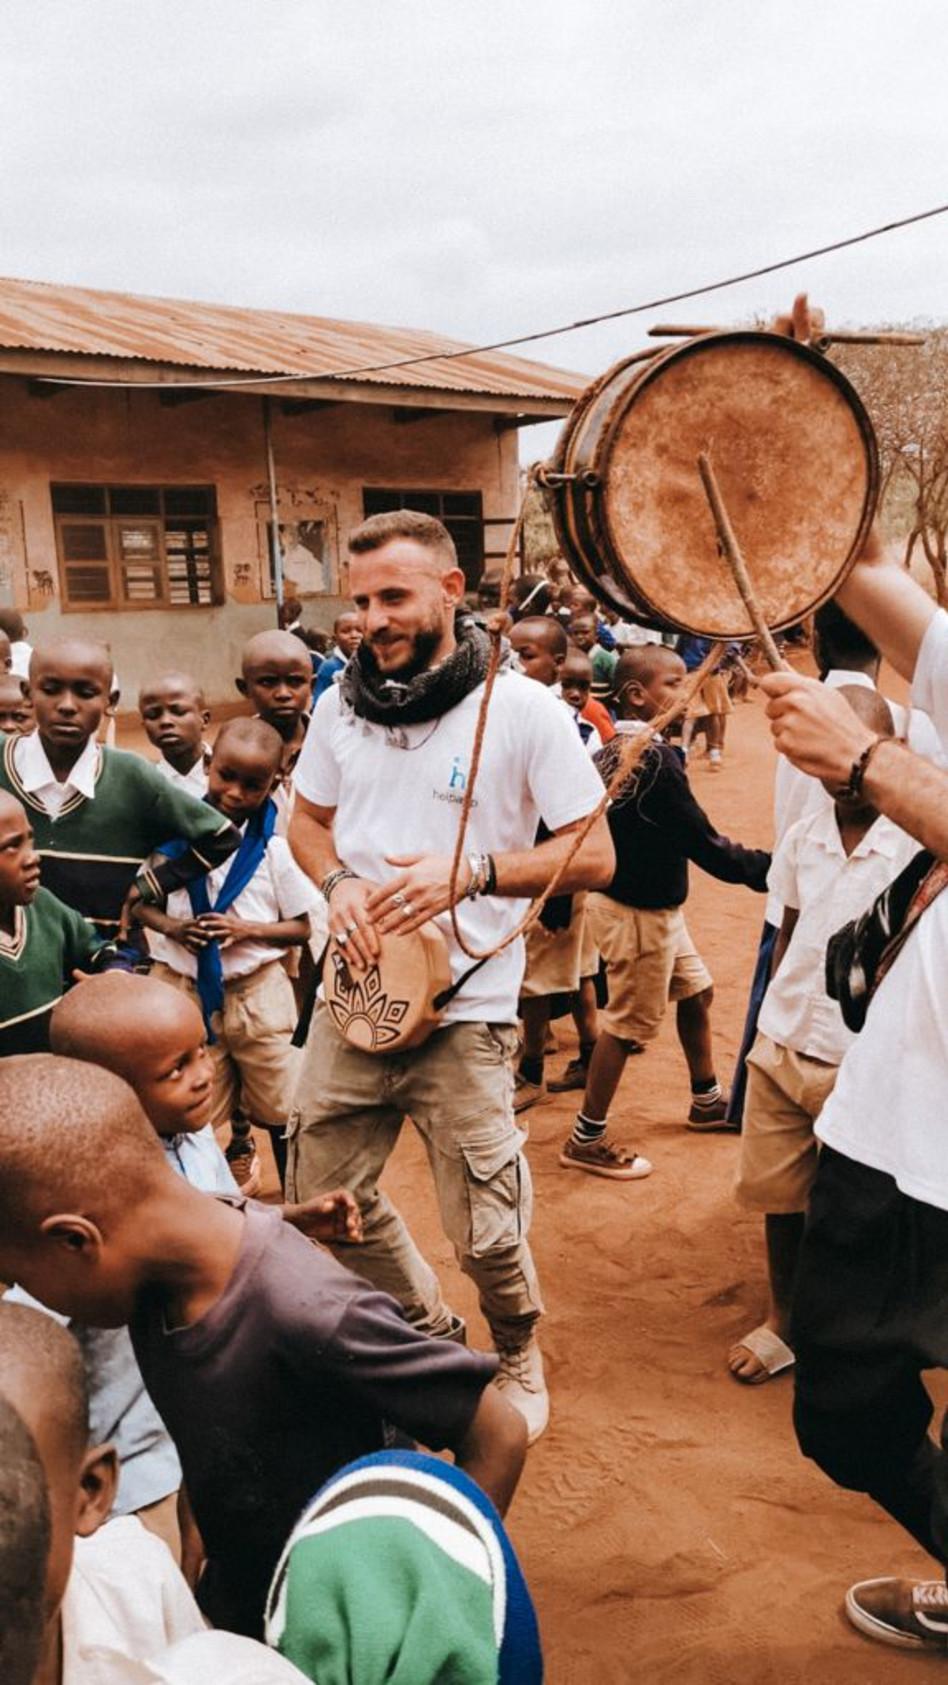 באפריקה. אסיף אלקיים (צילום: אינסטגרם)